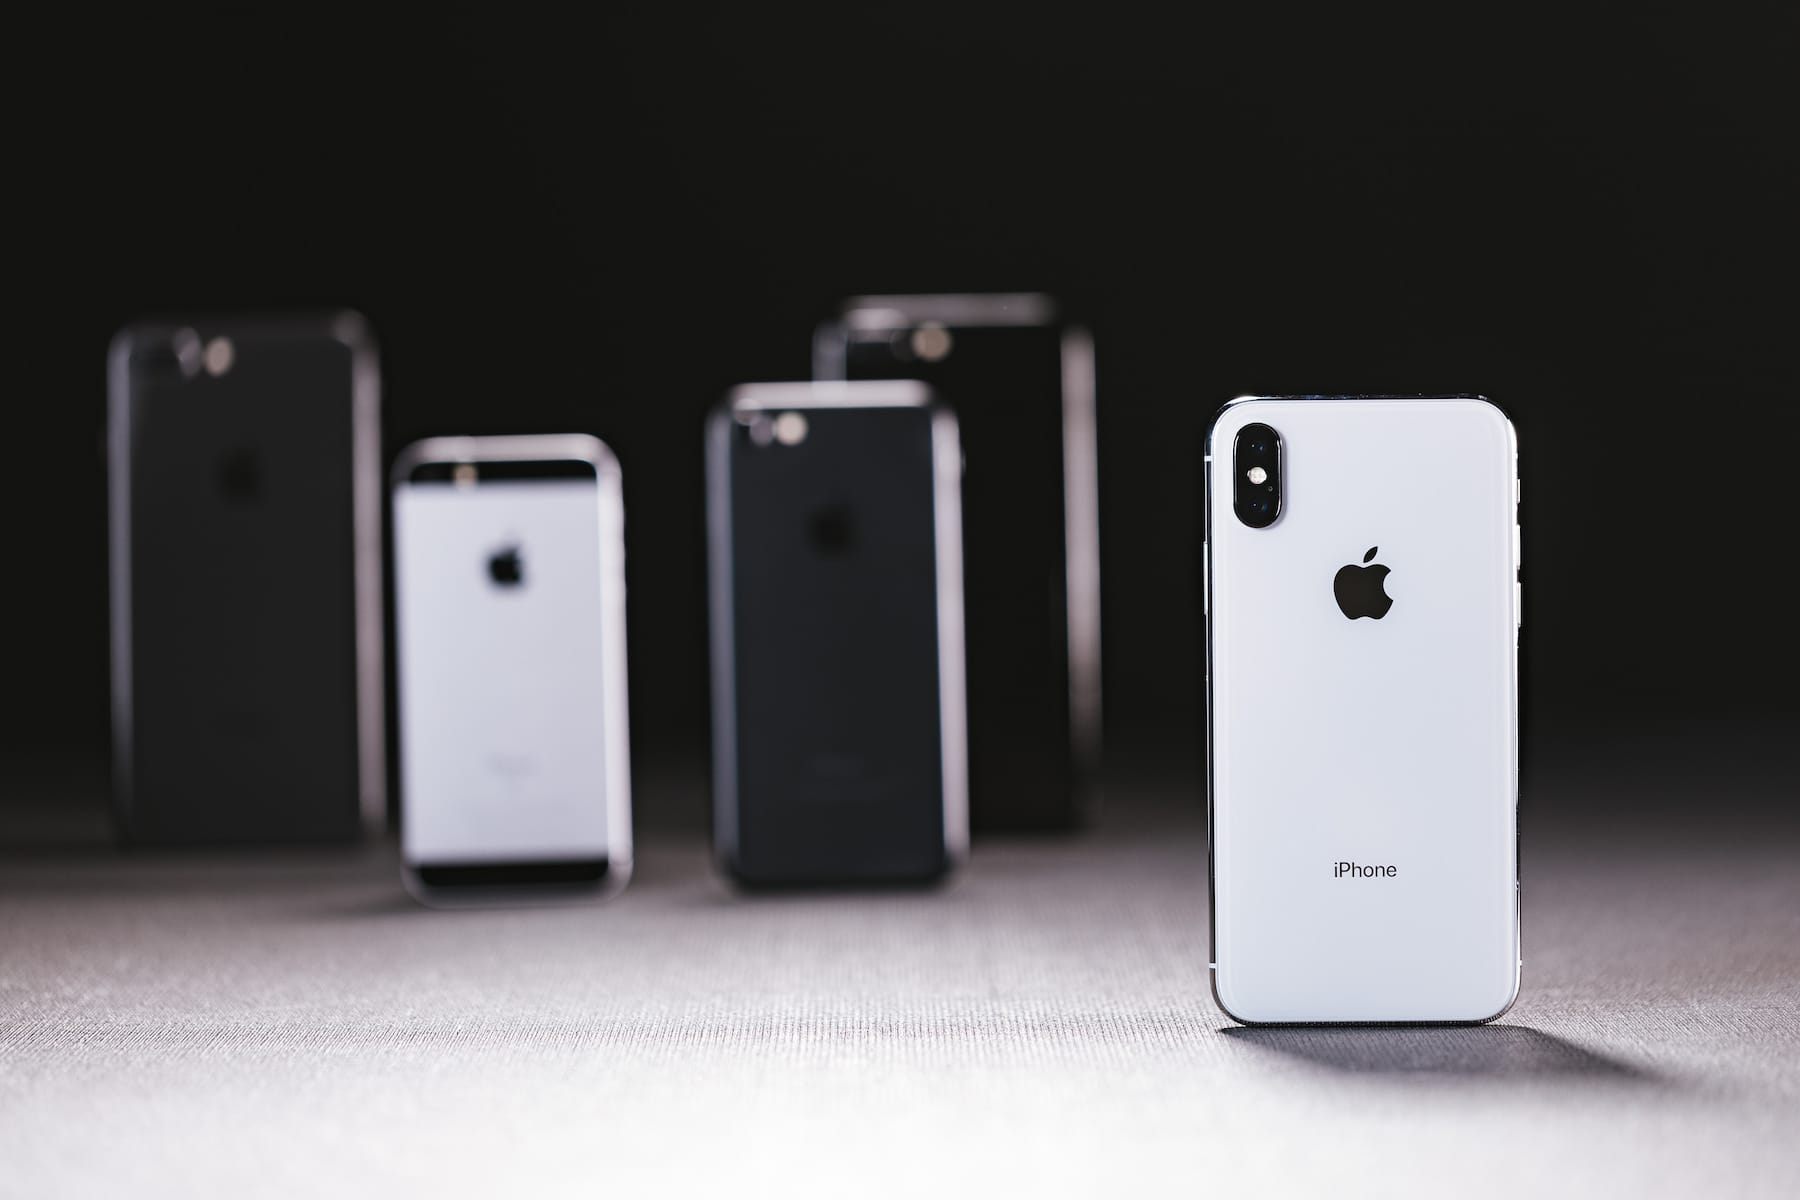 増やす iphone ストレージ